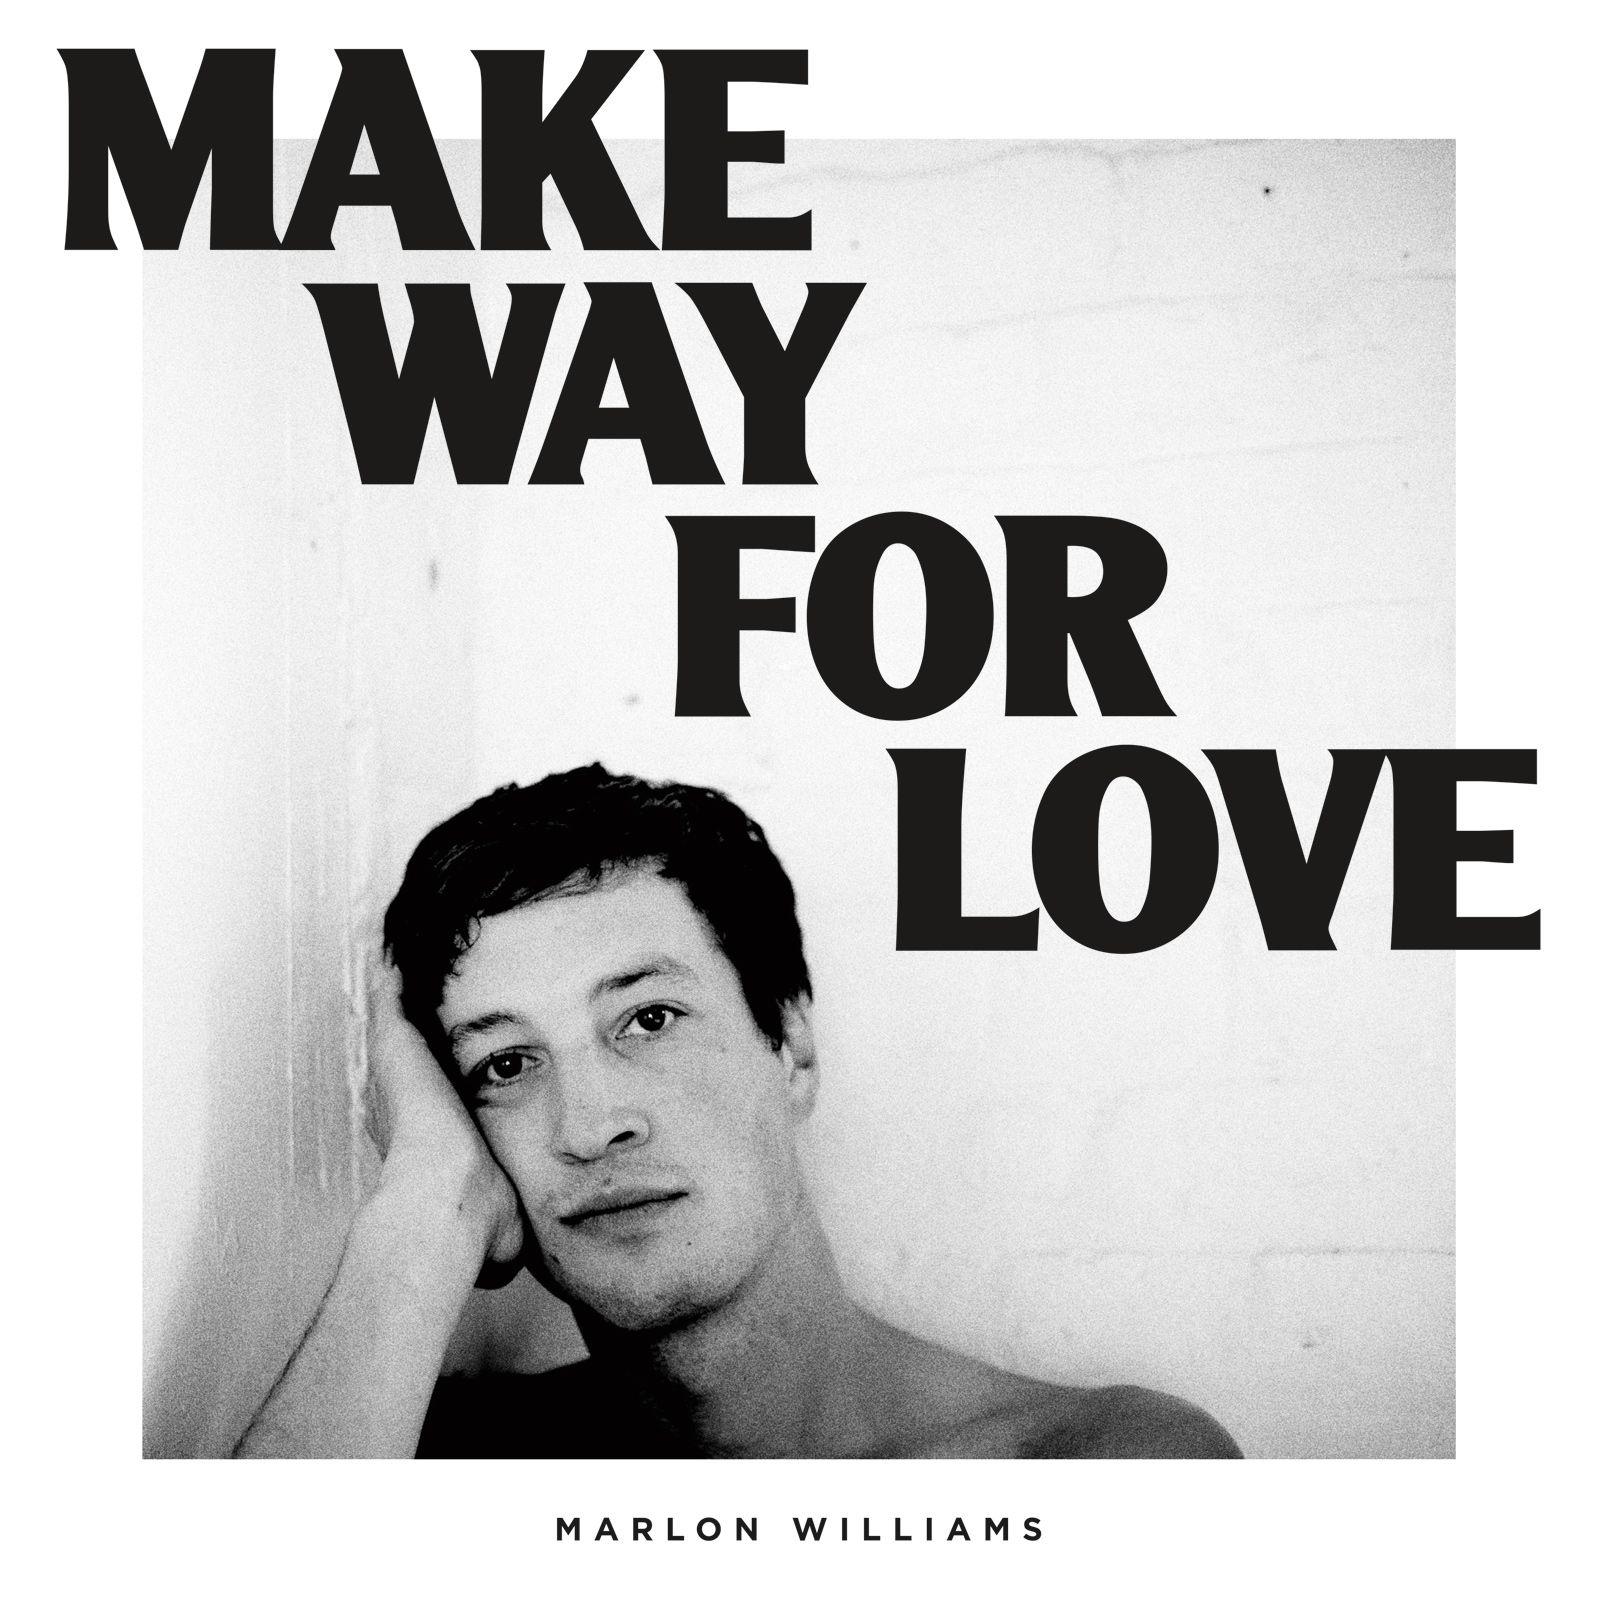 Marlon Williams - Make Way For Love album cover